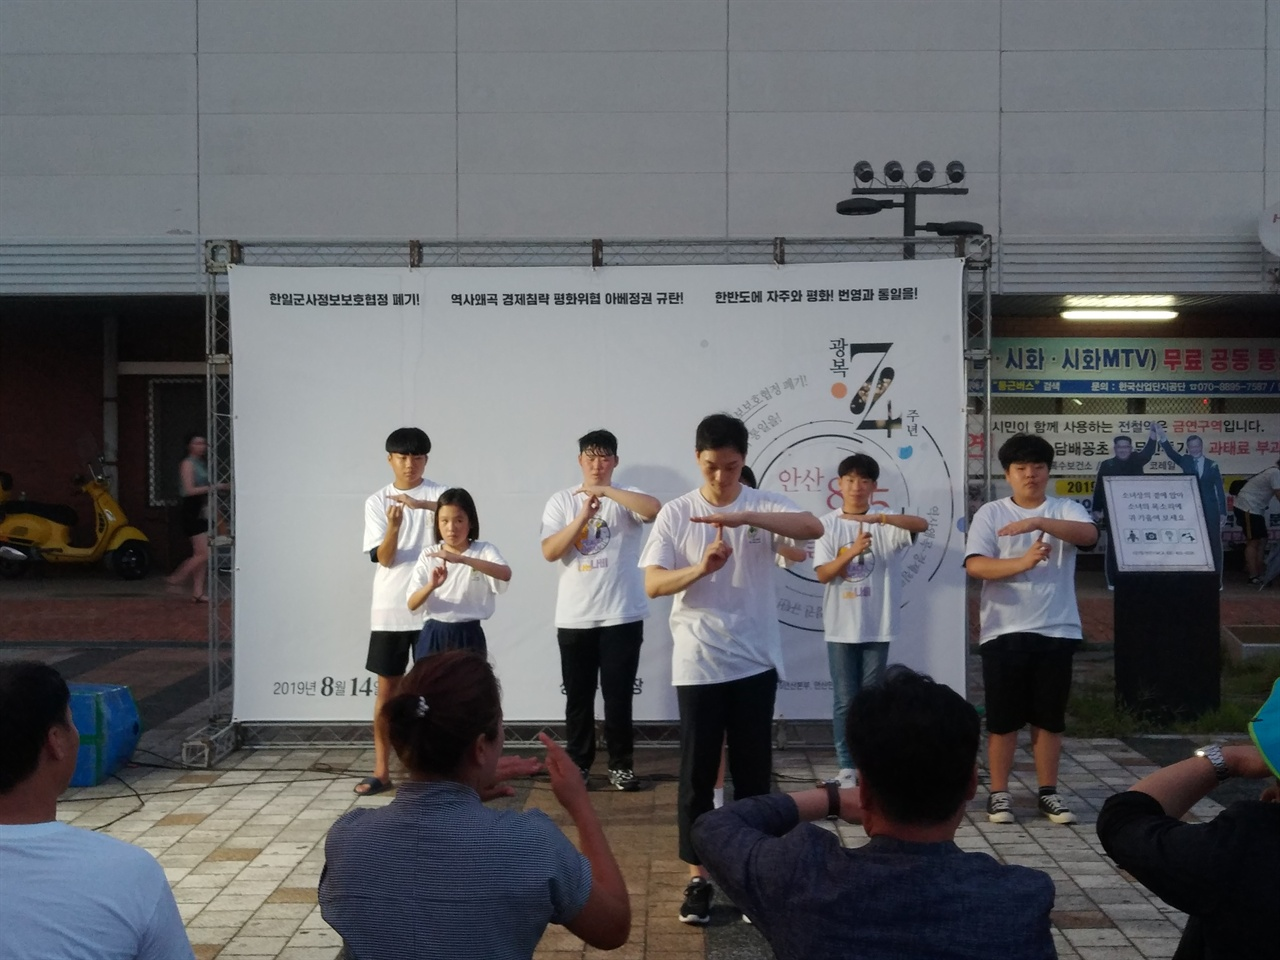 815안산촛불광장2 '광복 74주년 안산 촛불광장'에서 청소년열정공간 99도씨 소속 청소년들이 소녀상 퍼포먼스를 진행했다.